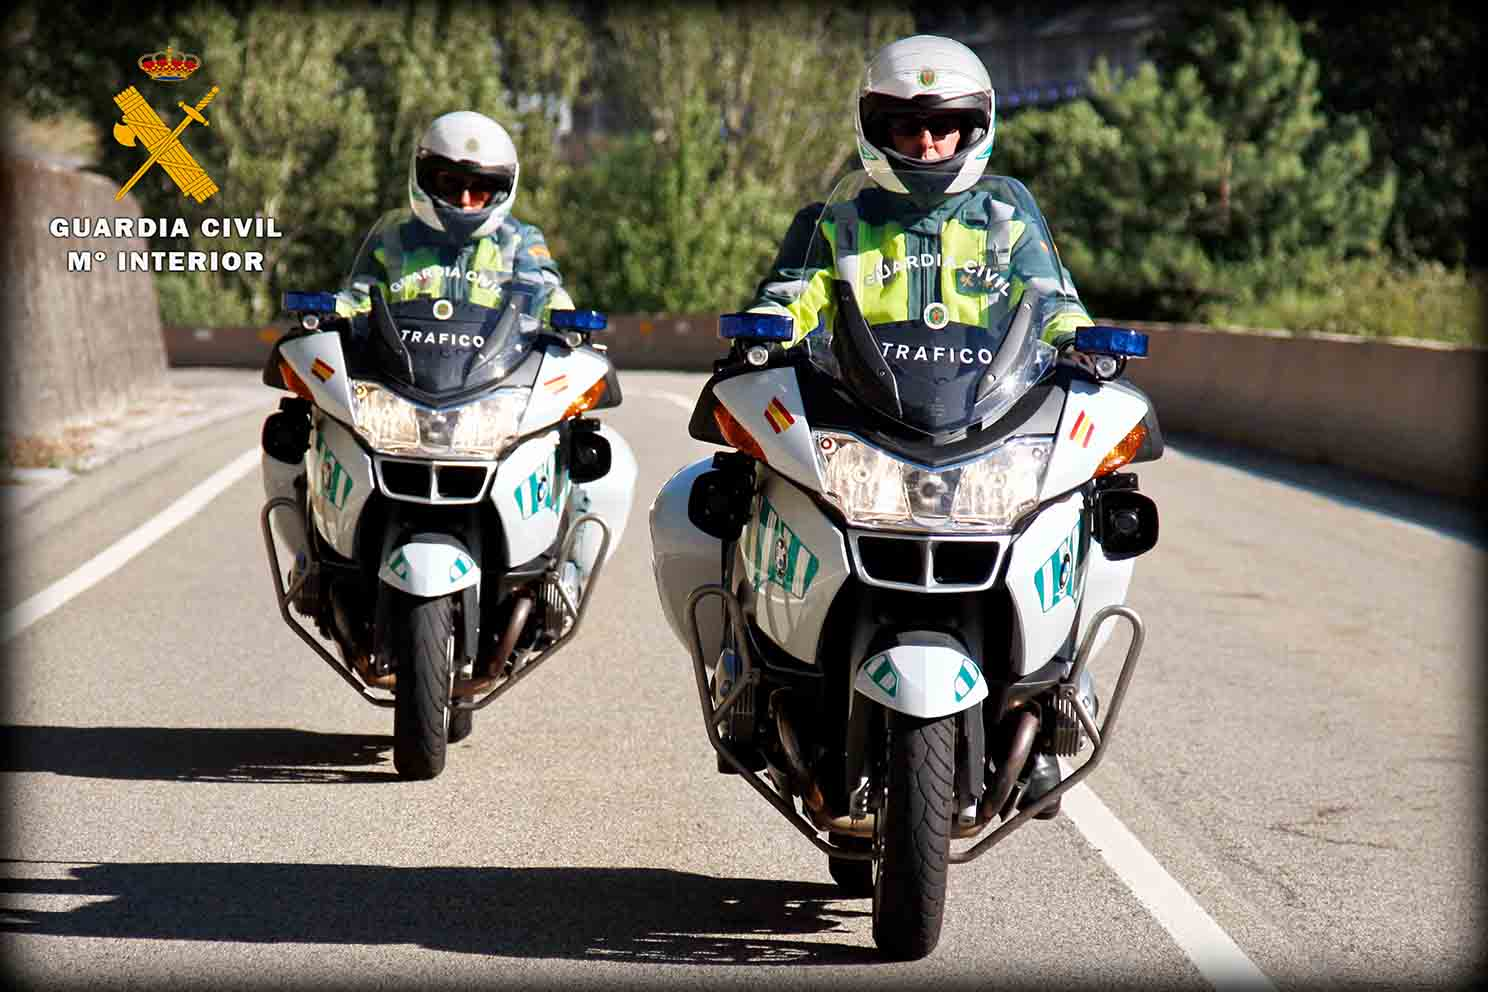 Imagen de dos agentes de la Guardia Civil sobre sus motocicletas.